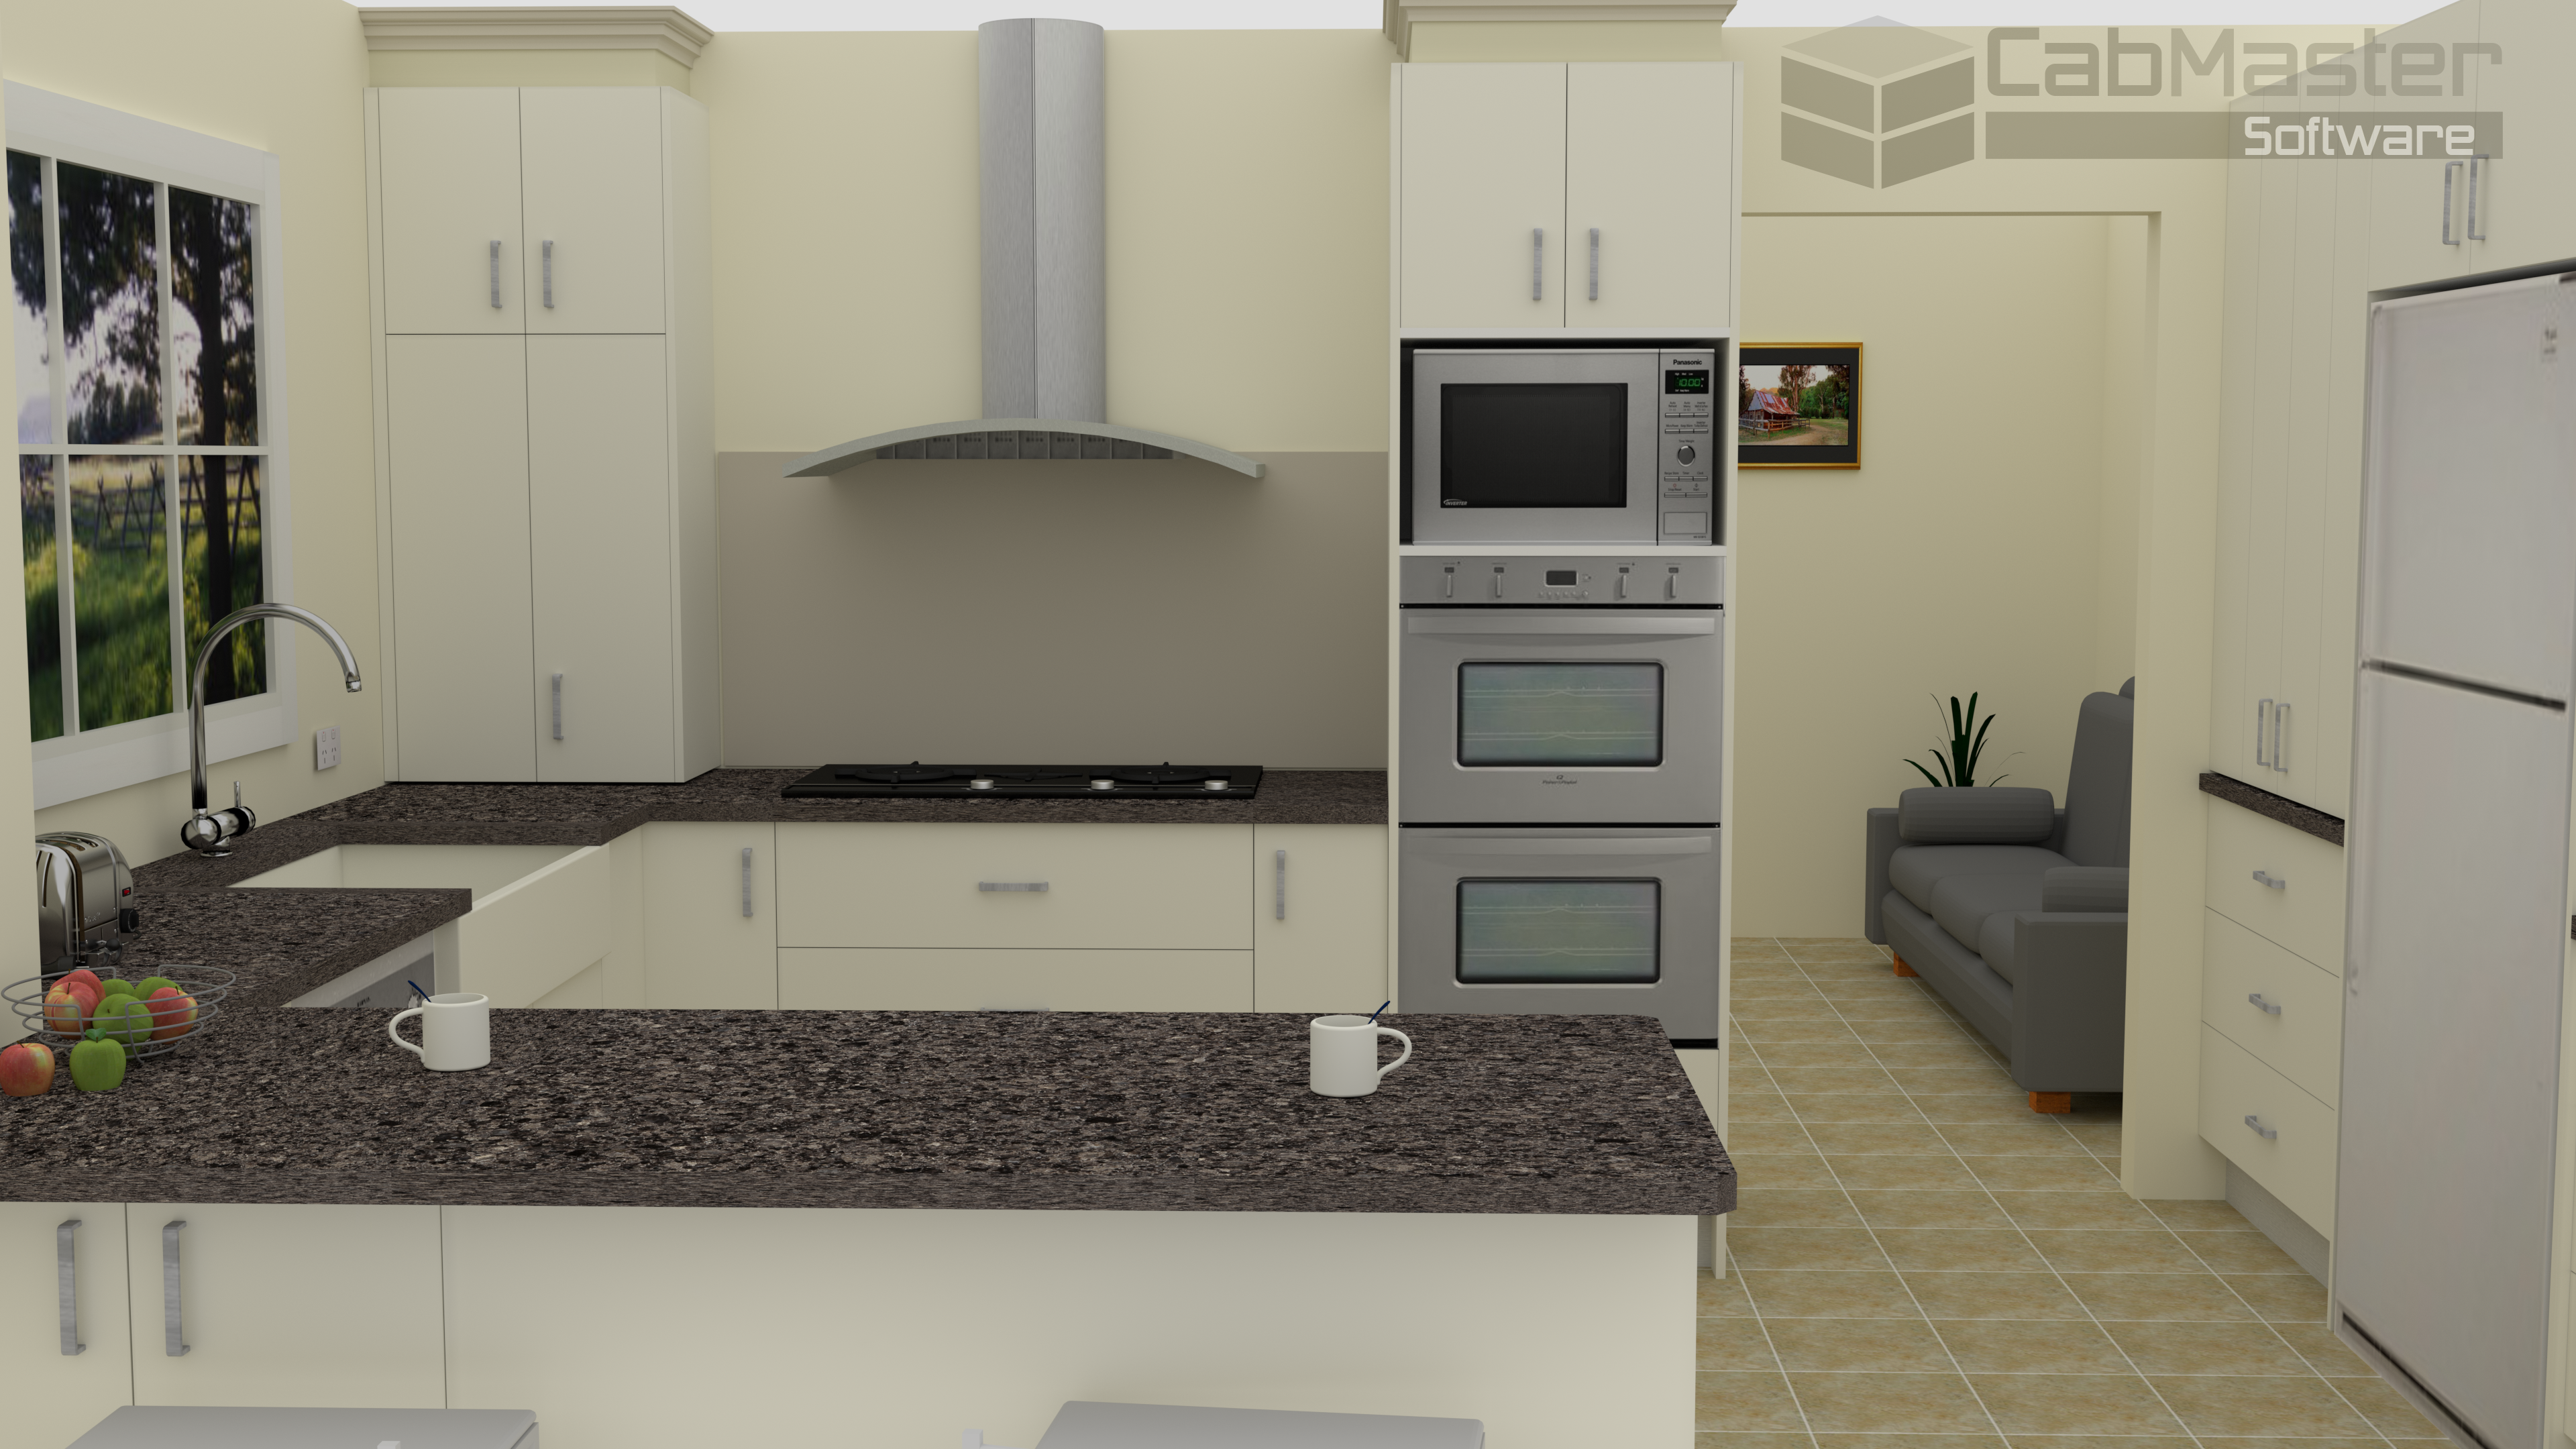 Sample Kitchen Render 3